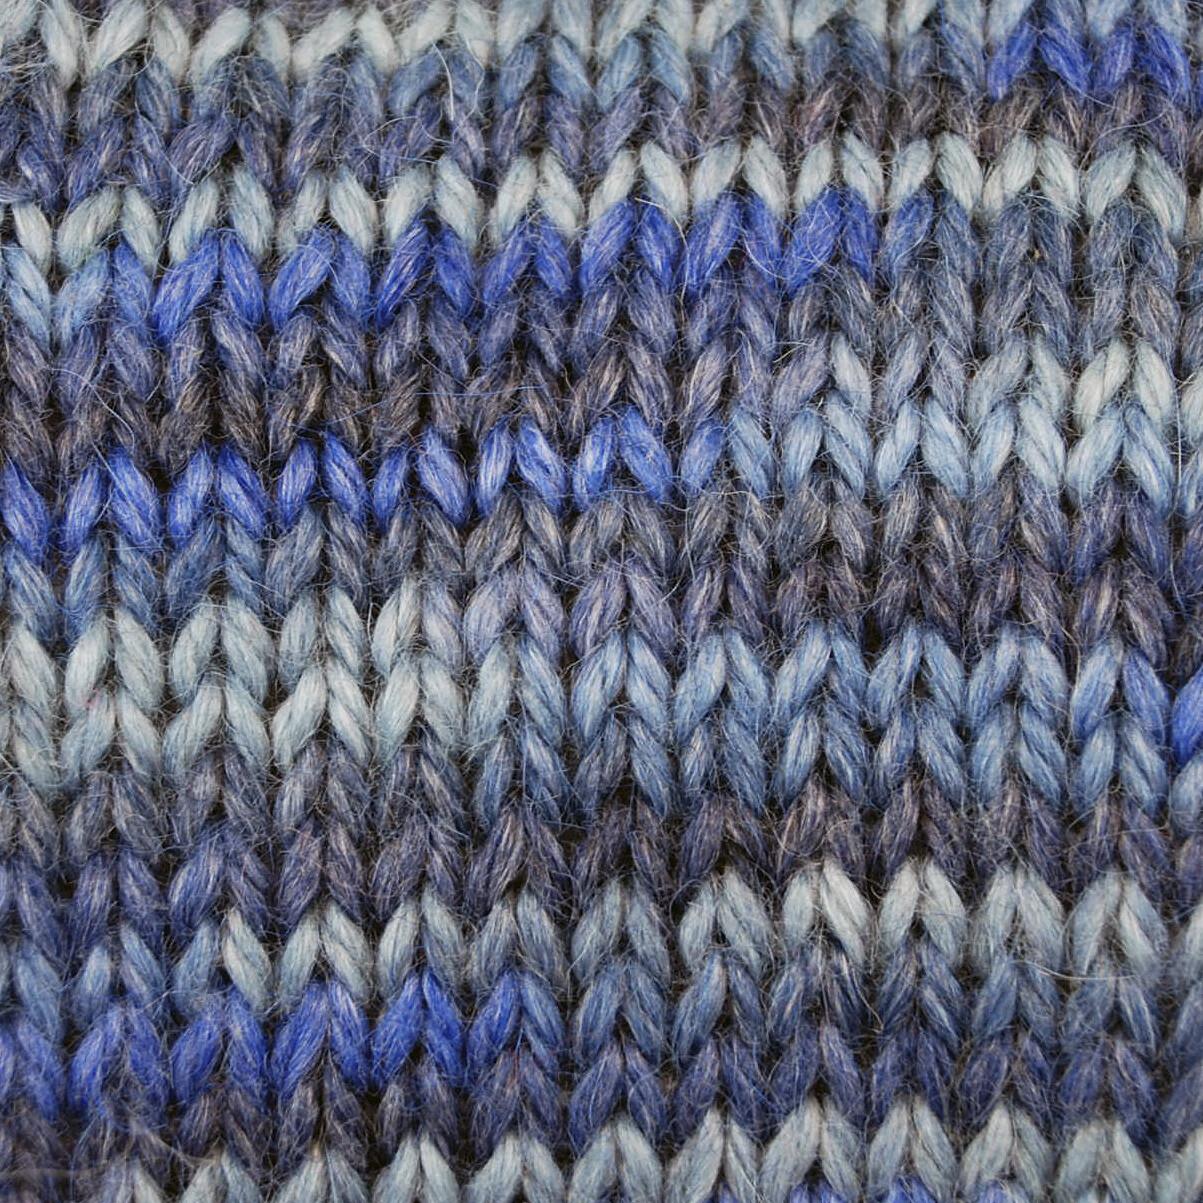 Snuggle Yarn - A Bunch of Blues